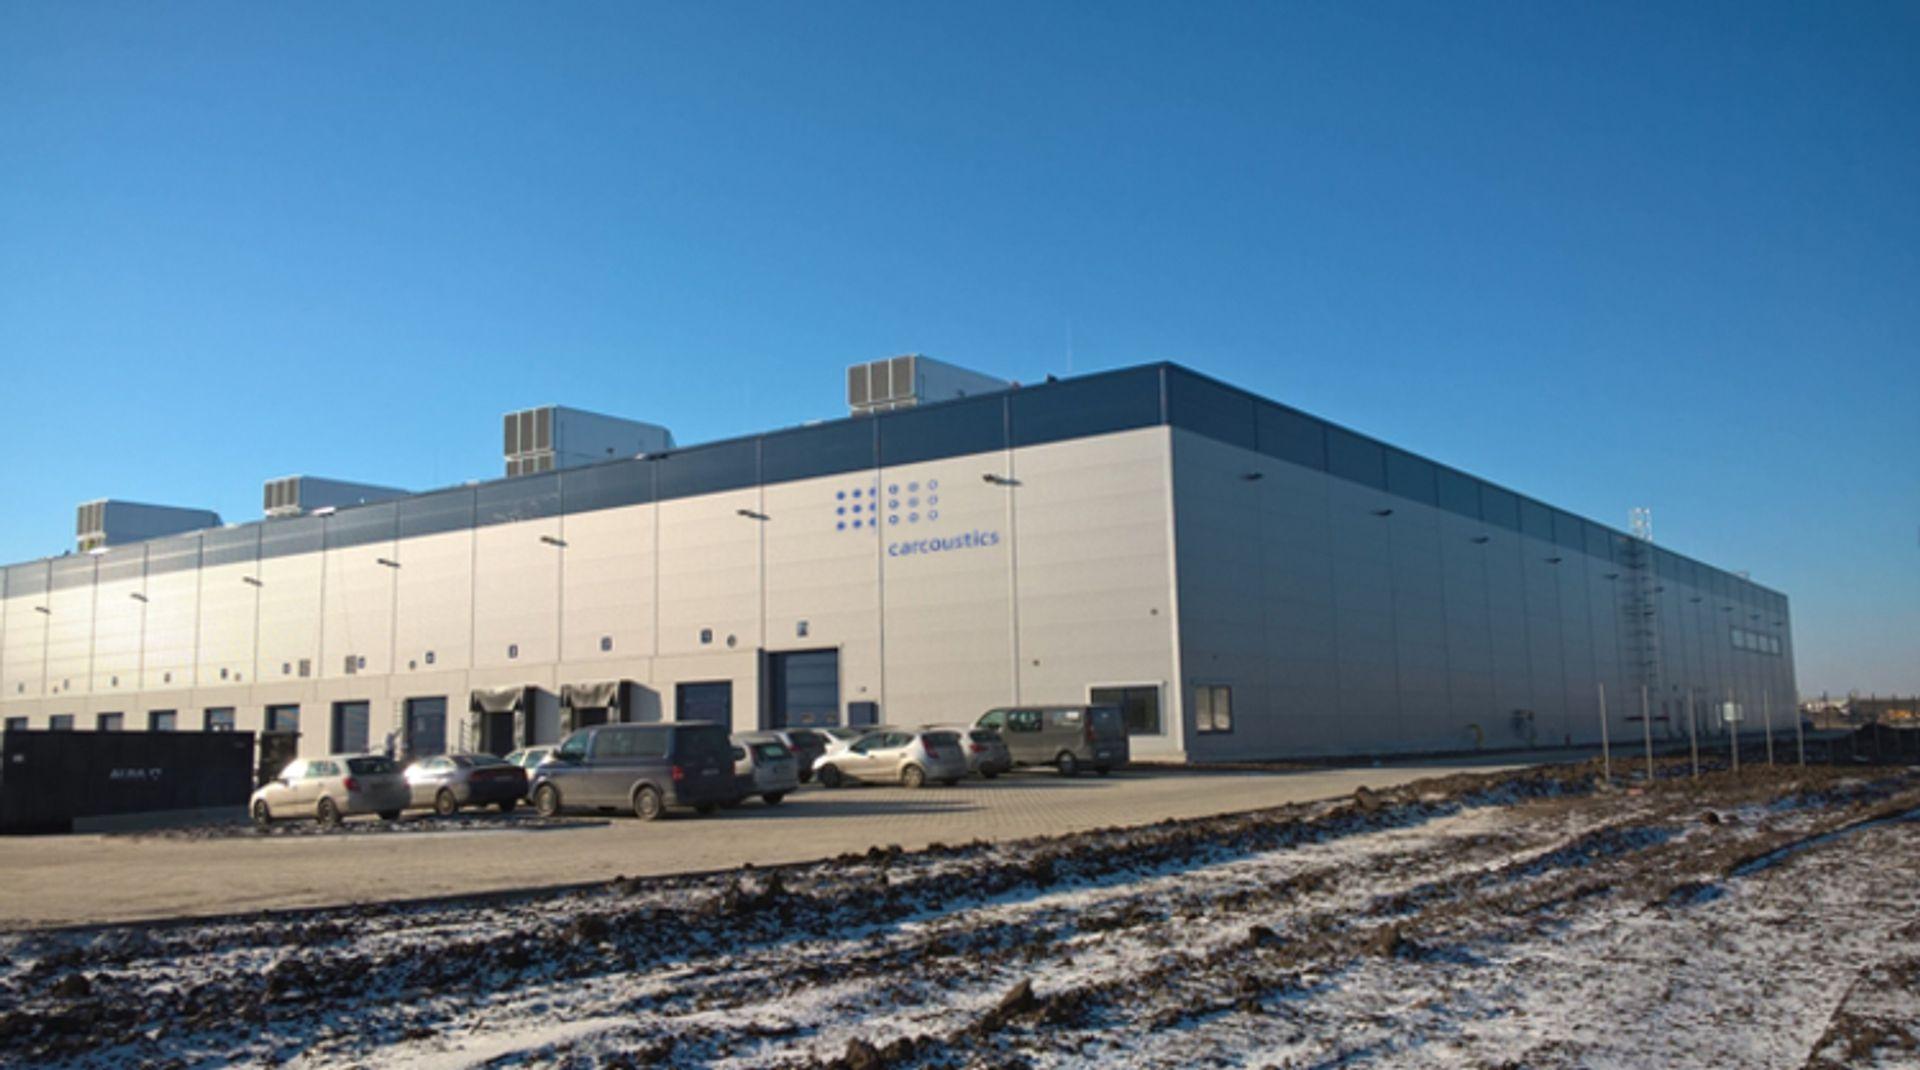 [Aglomeracja Wrocławska] Za kilka dni otwarcie nowej fabryki z branży automotive pod Wrocławiem